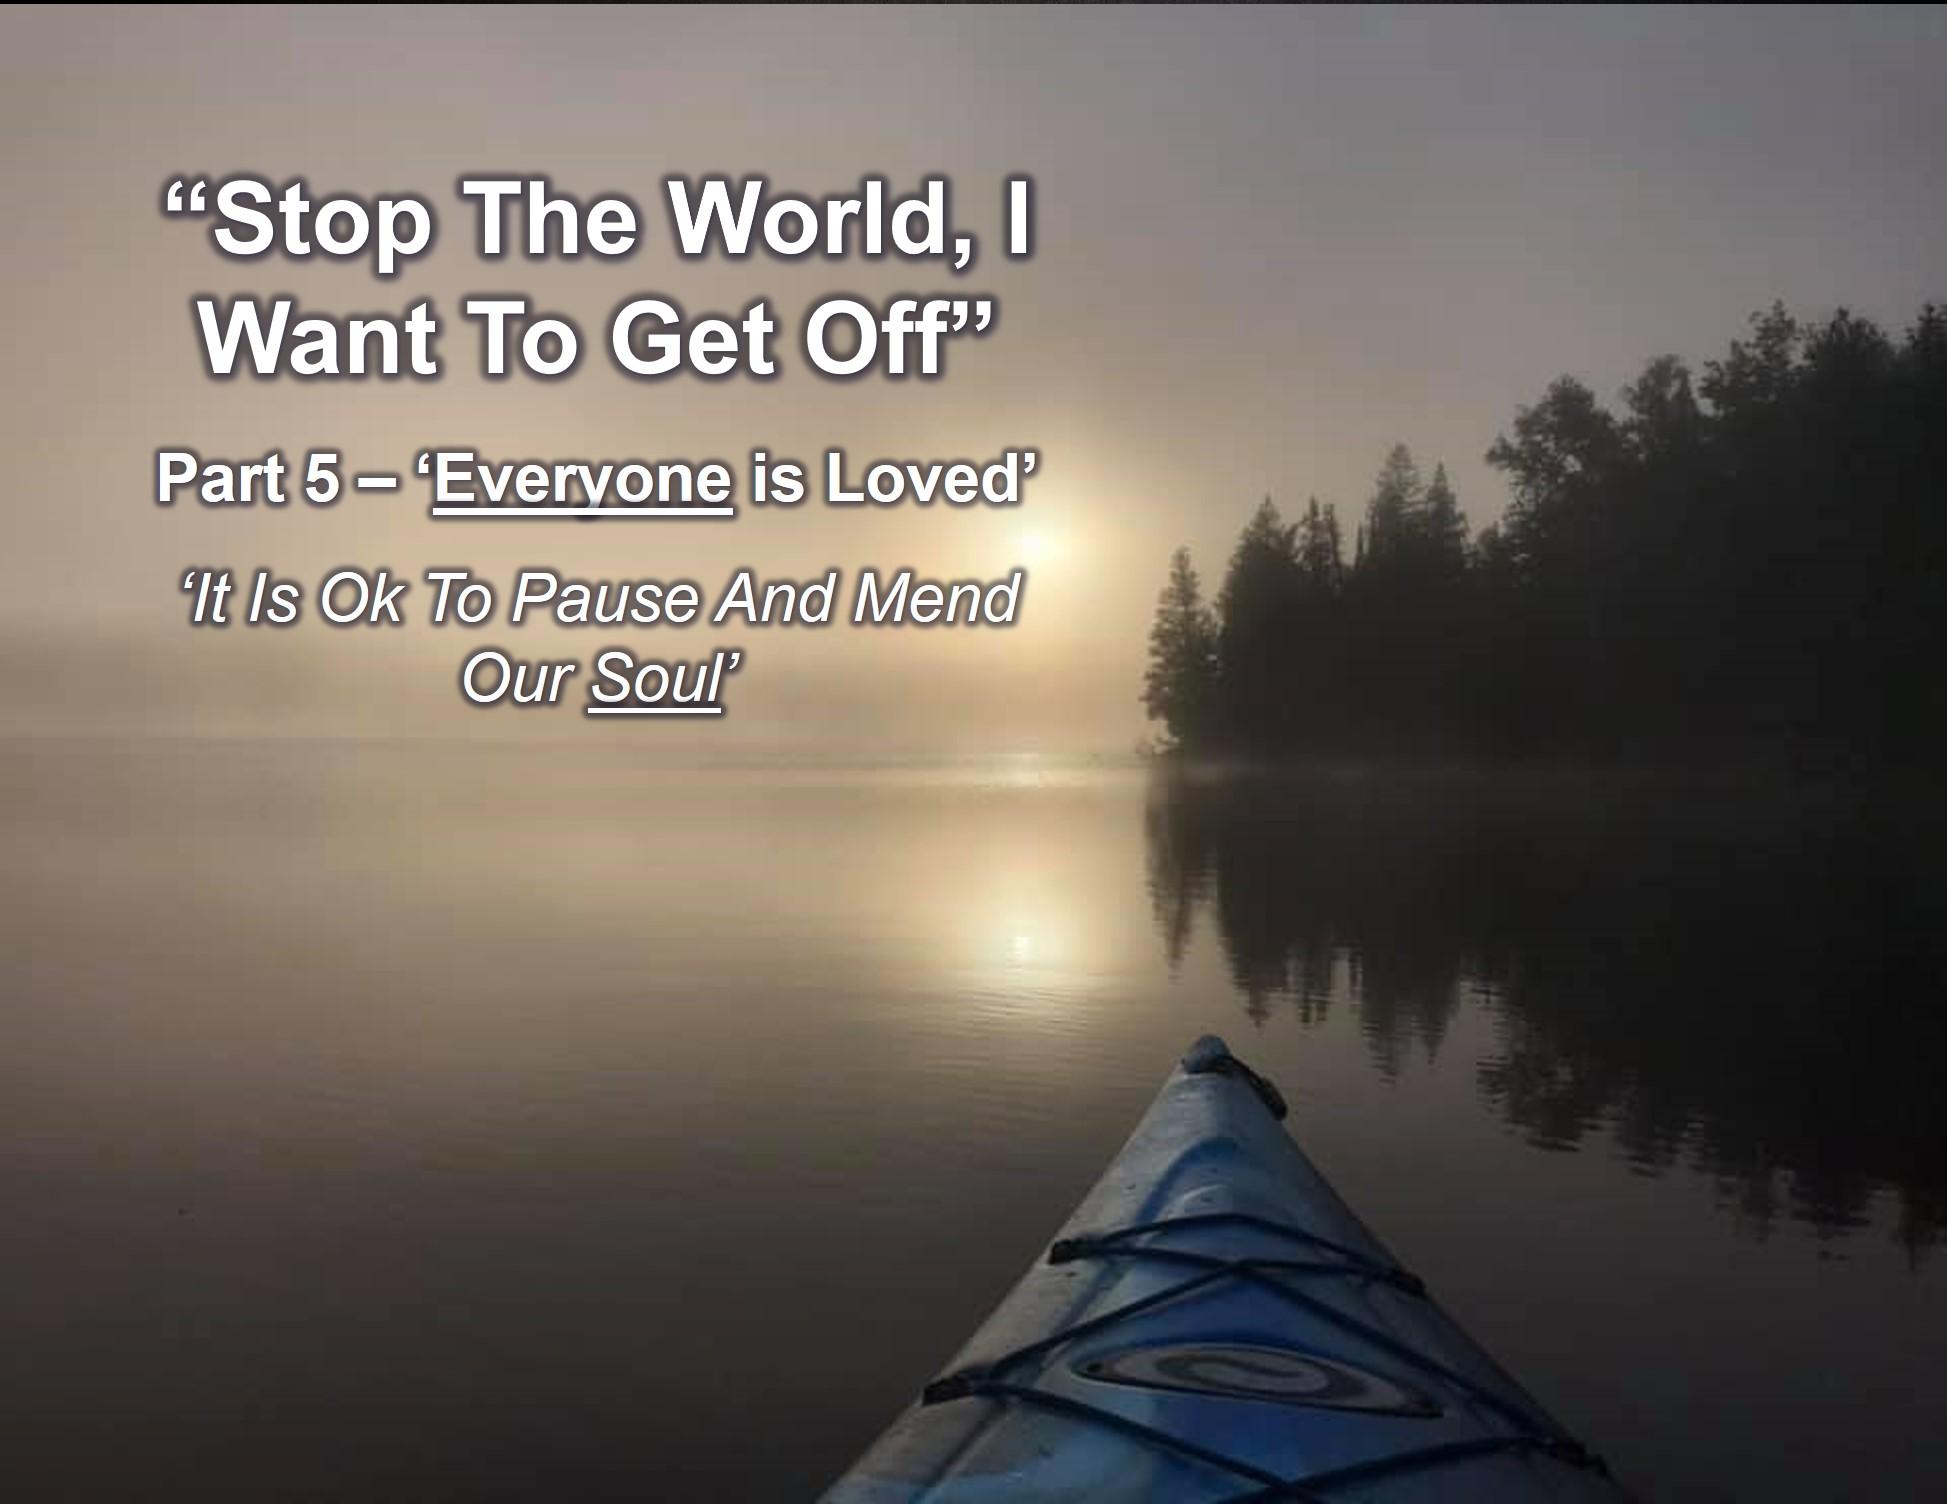 stop the world 5 Beloved pt2